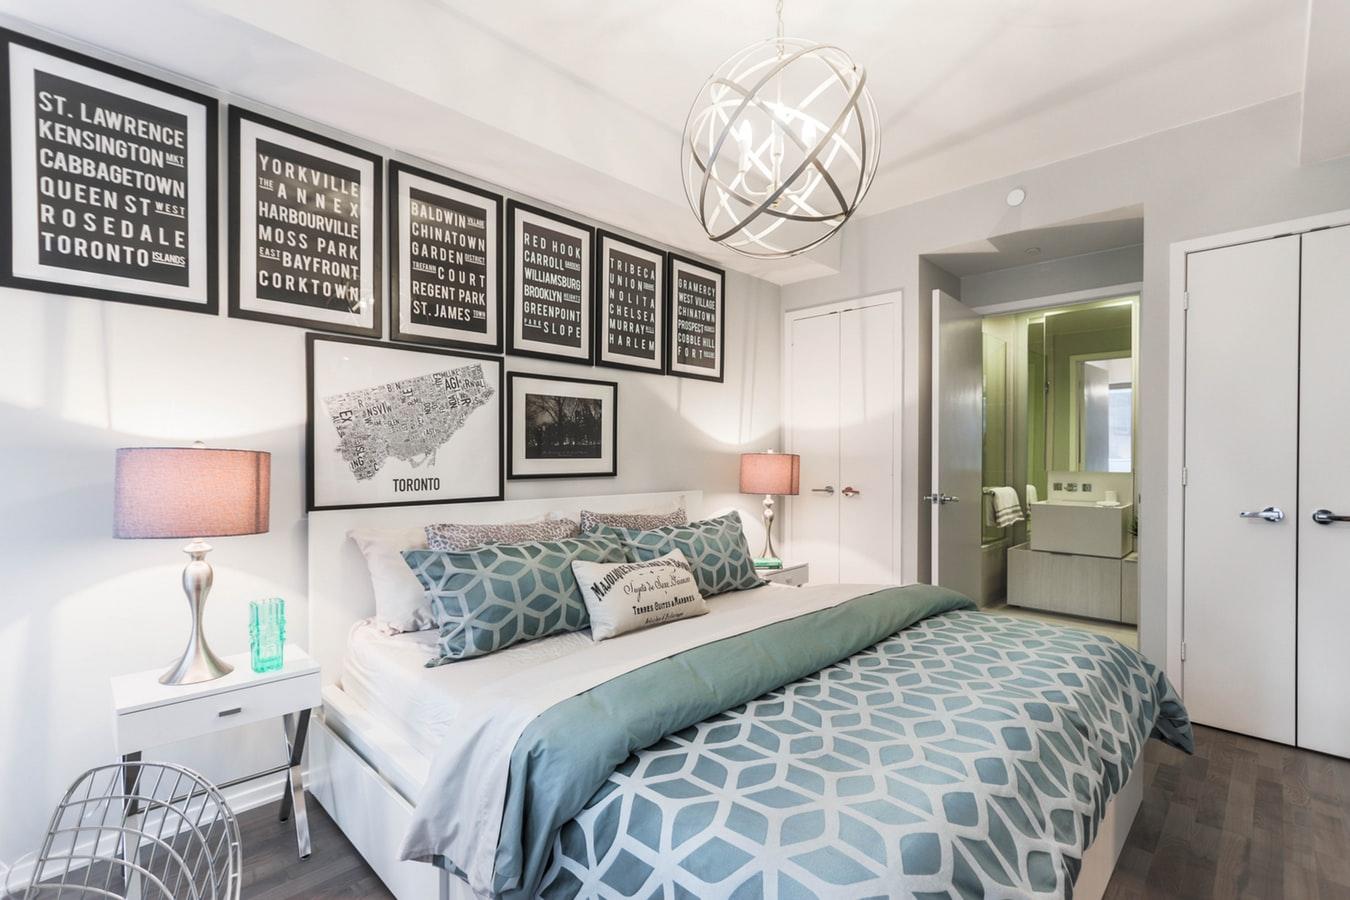 Lad lækkert sengelinned dekorere dit soveværelse